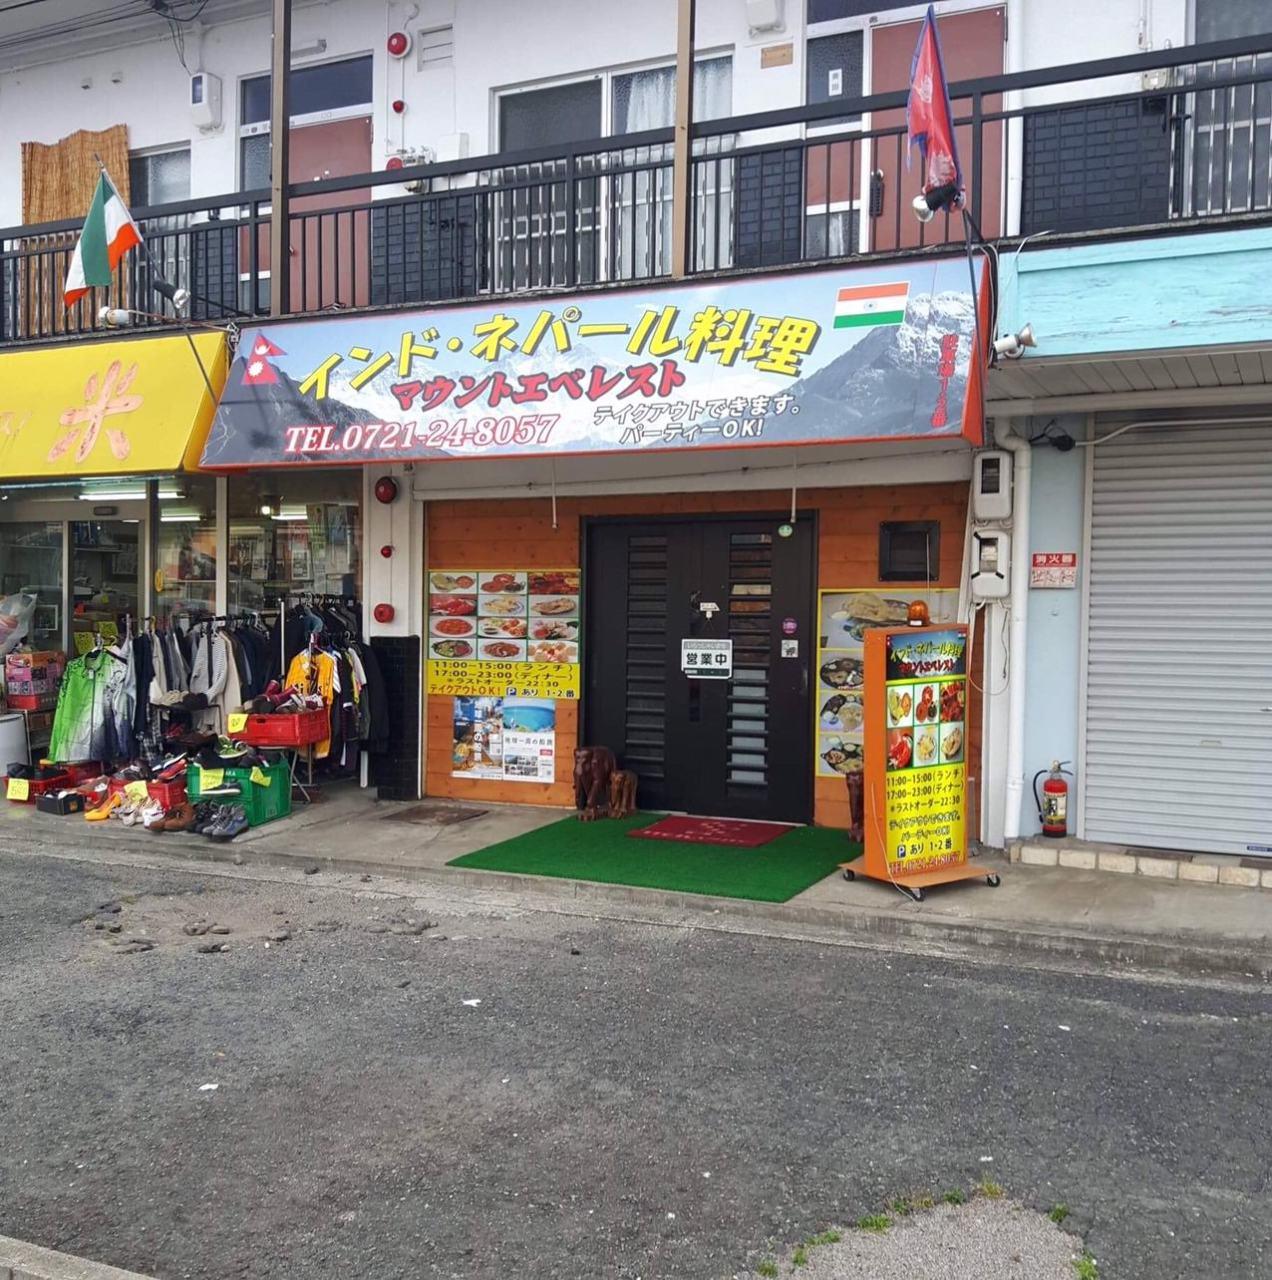 インド・ネパール料理 マウントエベレスト 富田林店